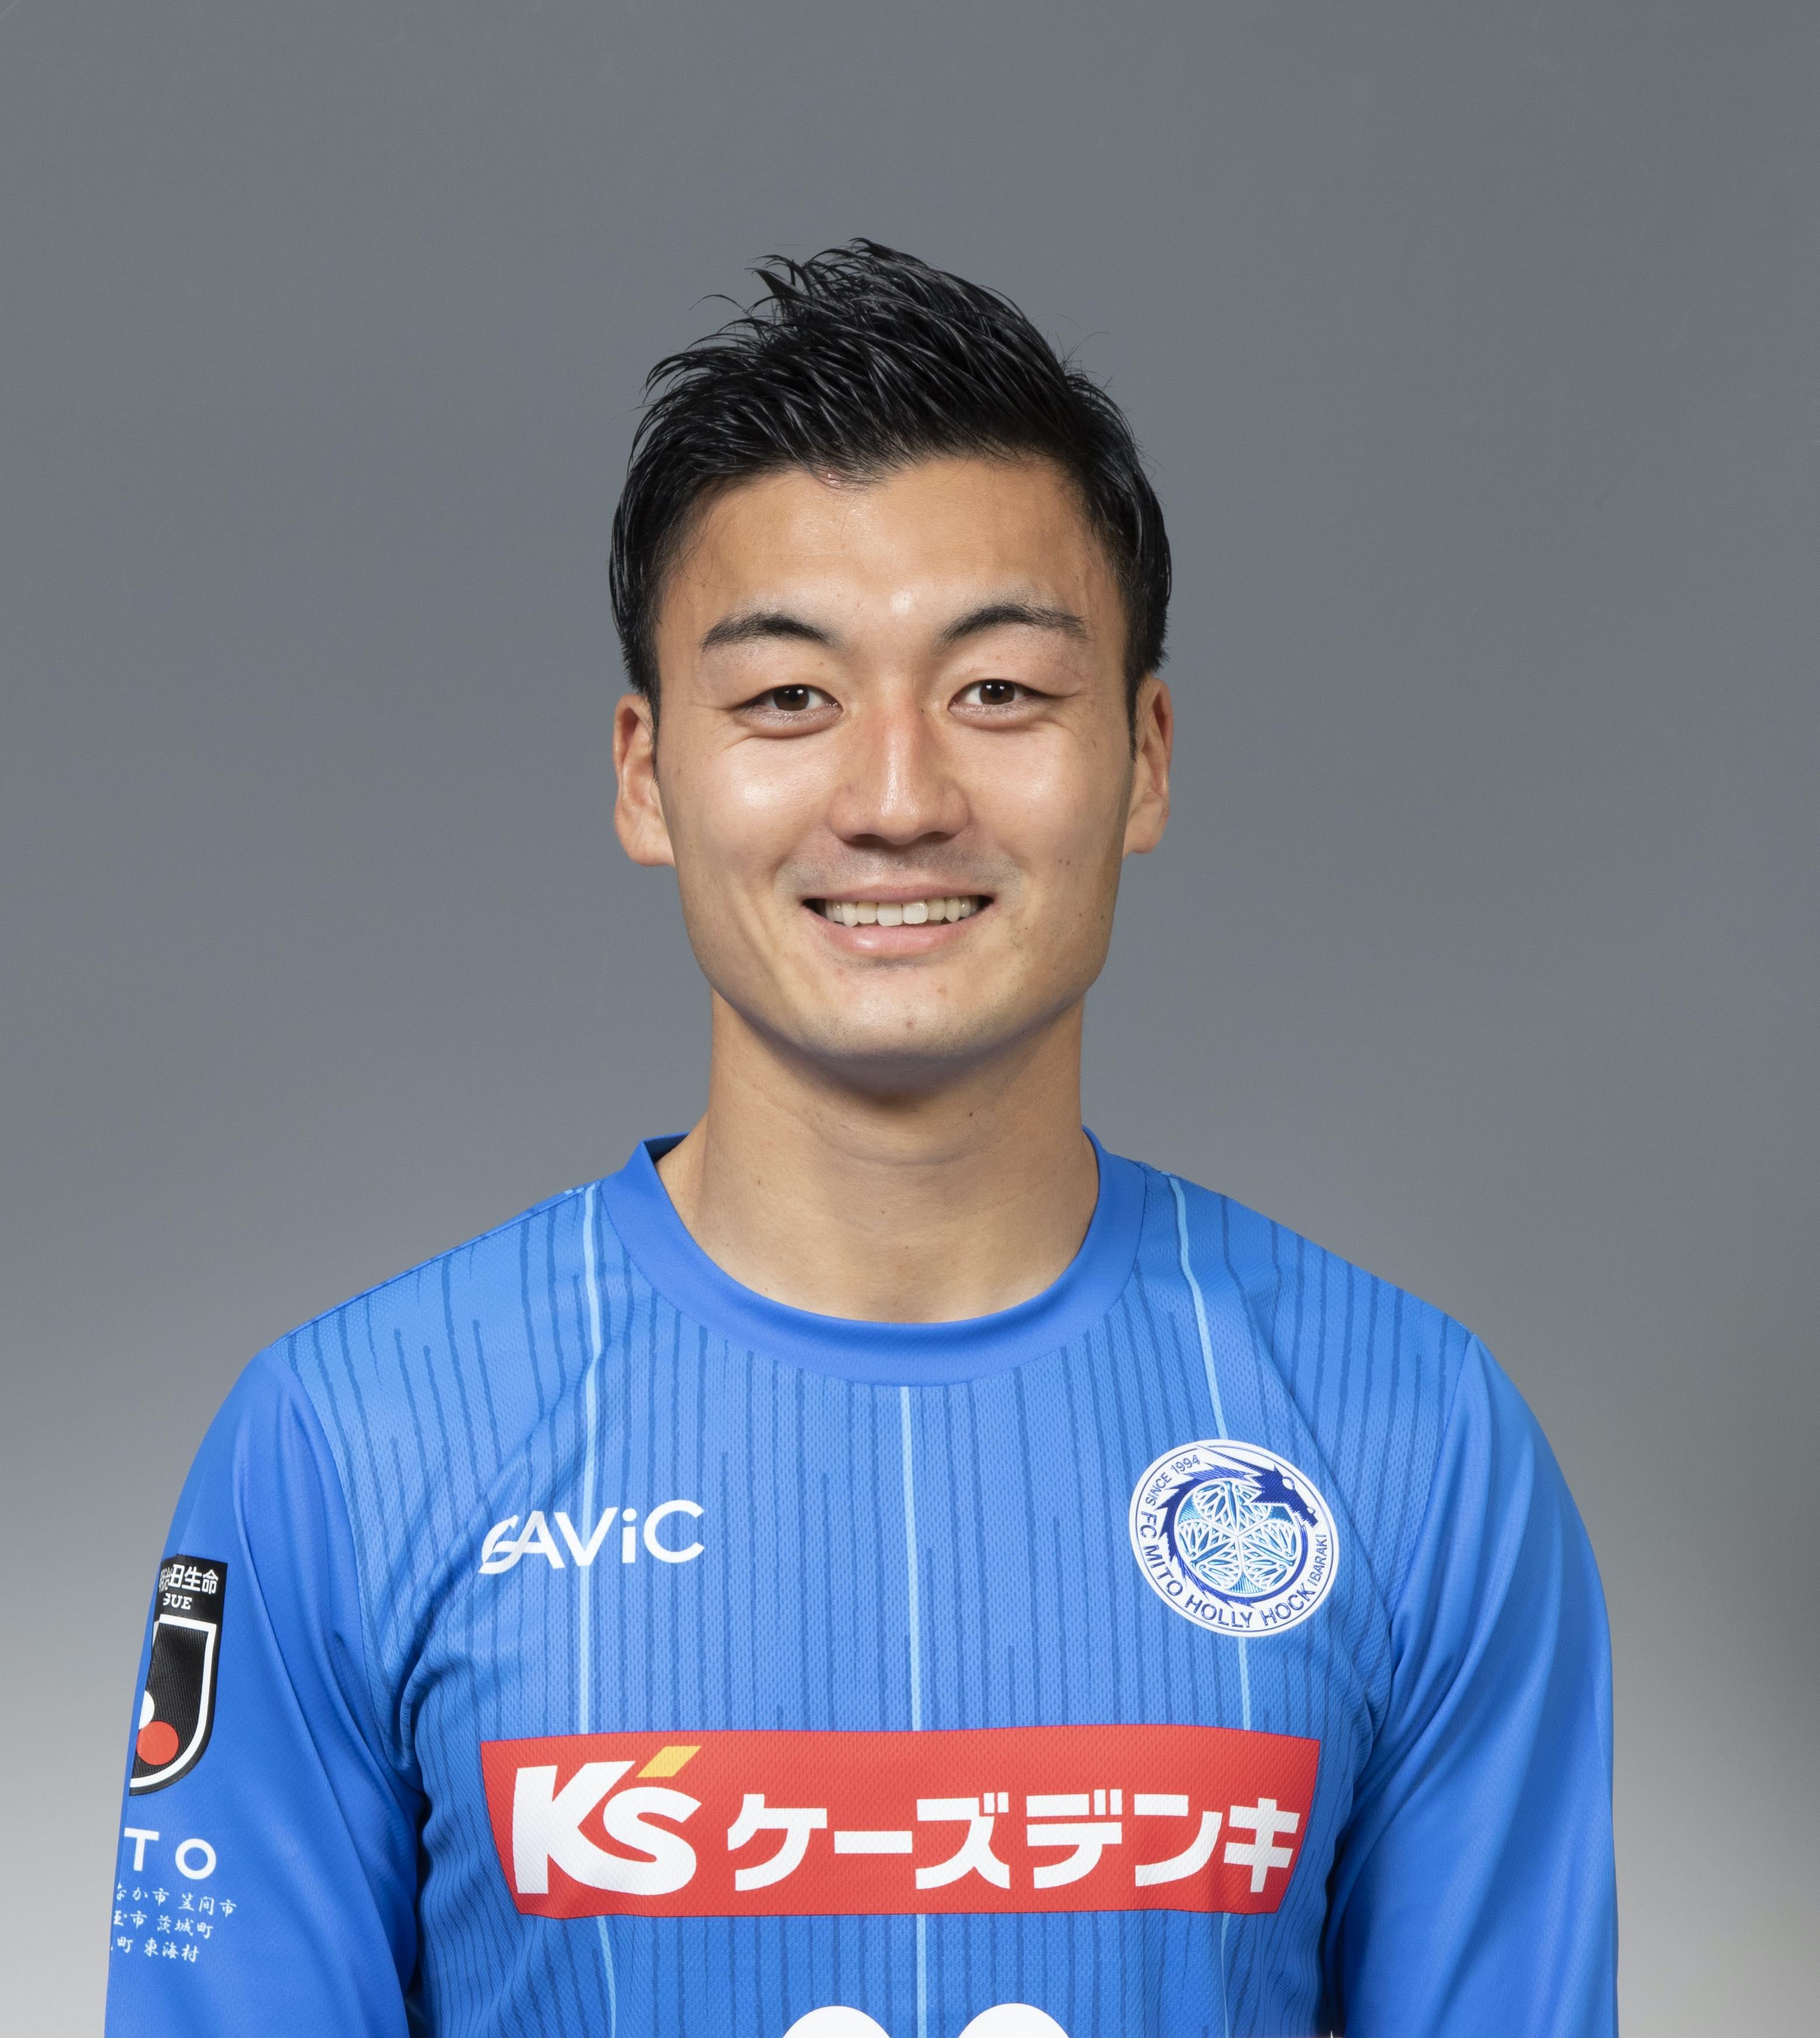 【本人直筆サイン入り公式】2019シーズンユニフォーム2nd  22瀧澤修平 選手